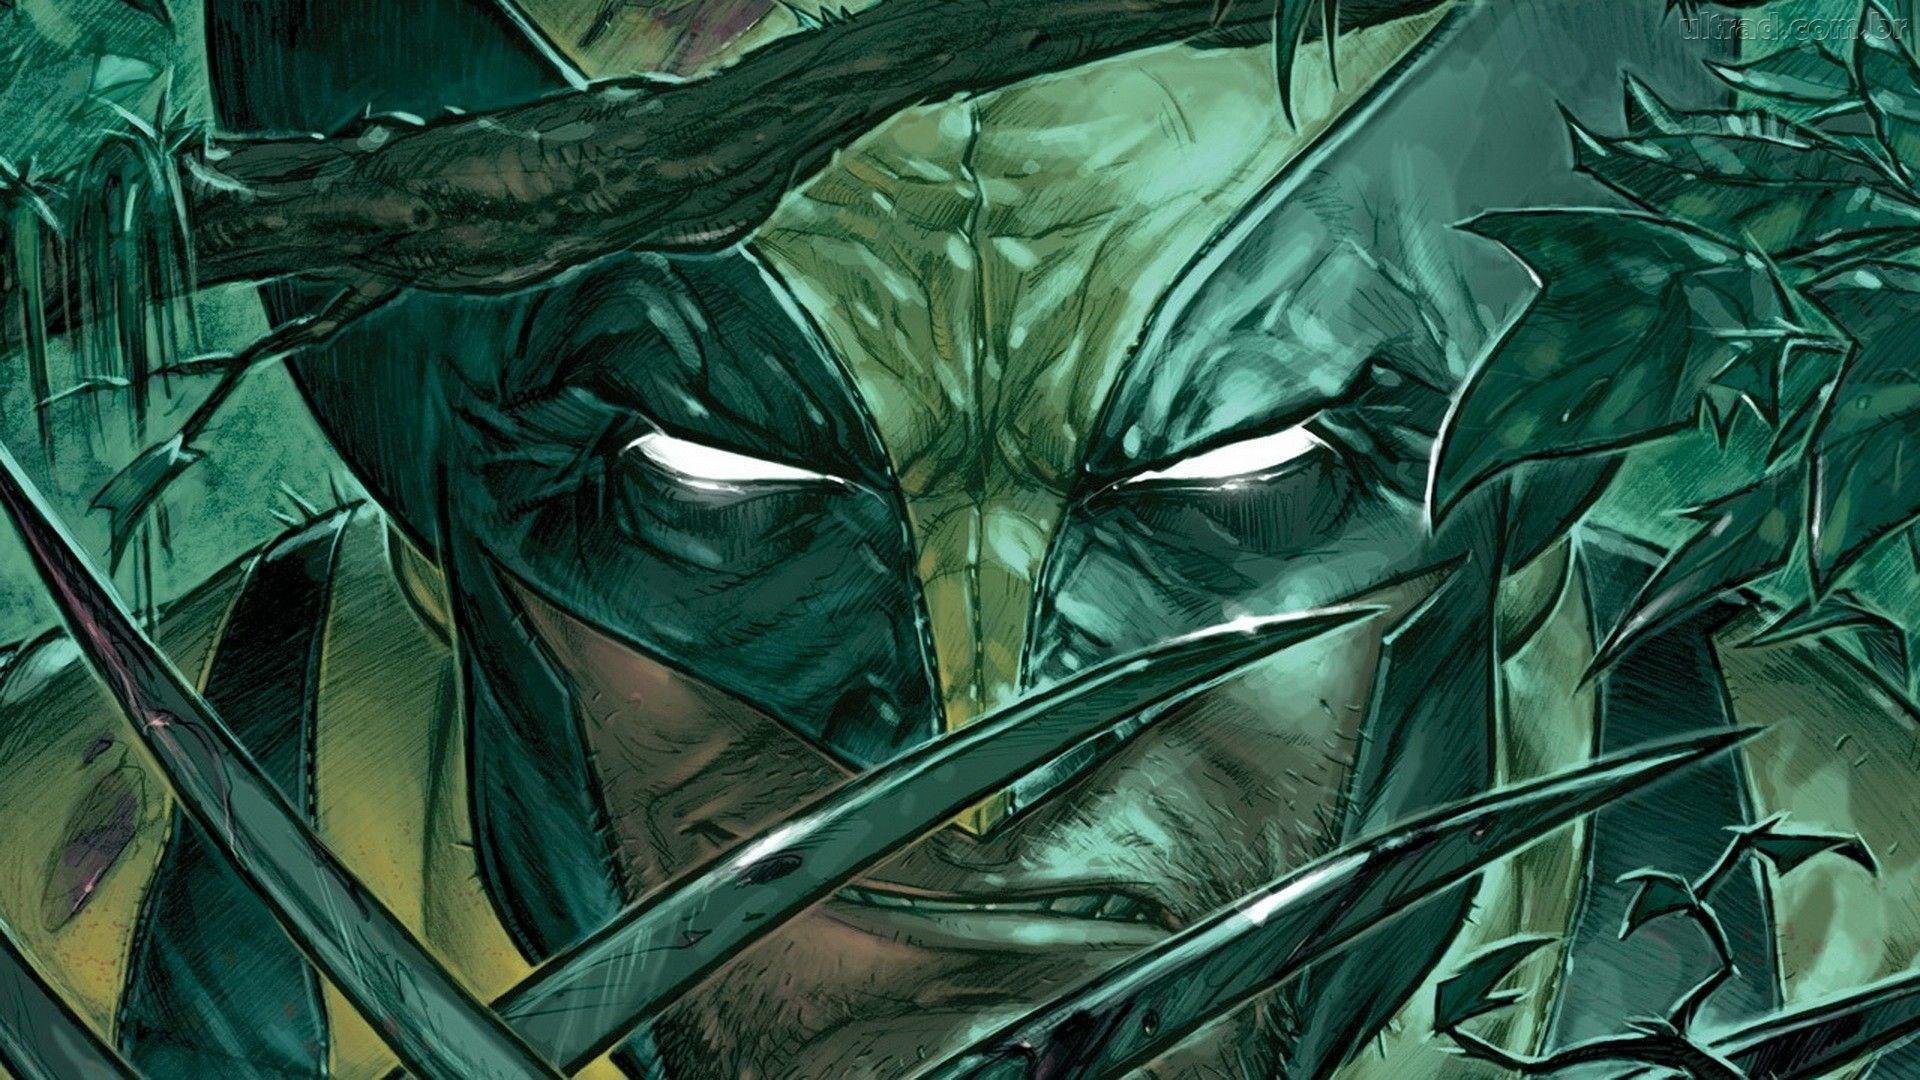 comics X-Men Wolverine artwork Marvel Comics / Wallpaper